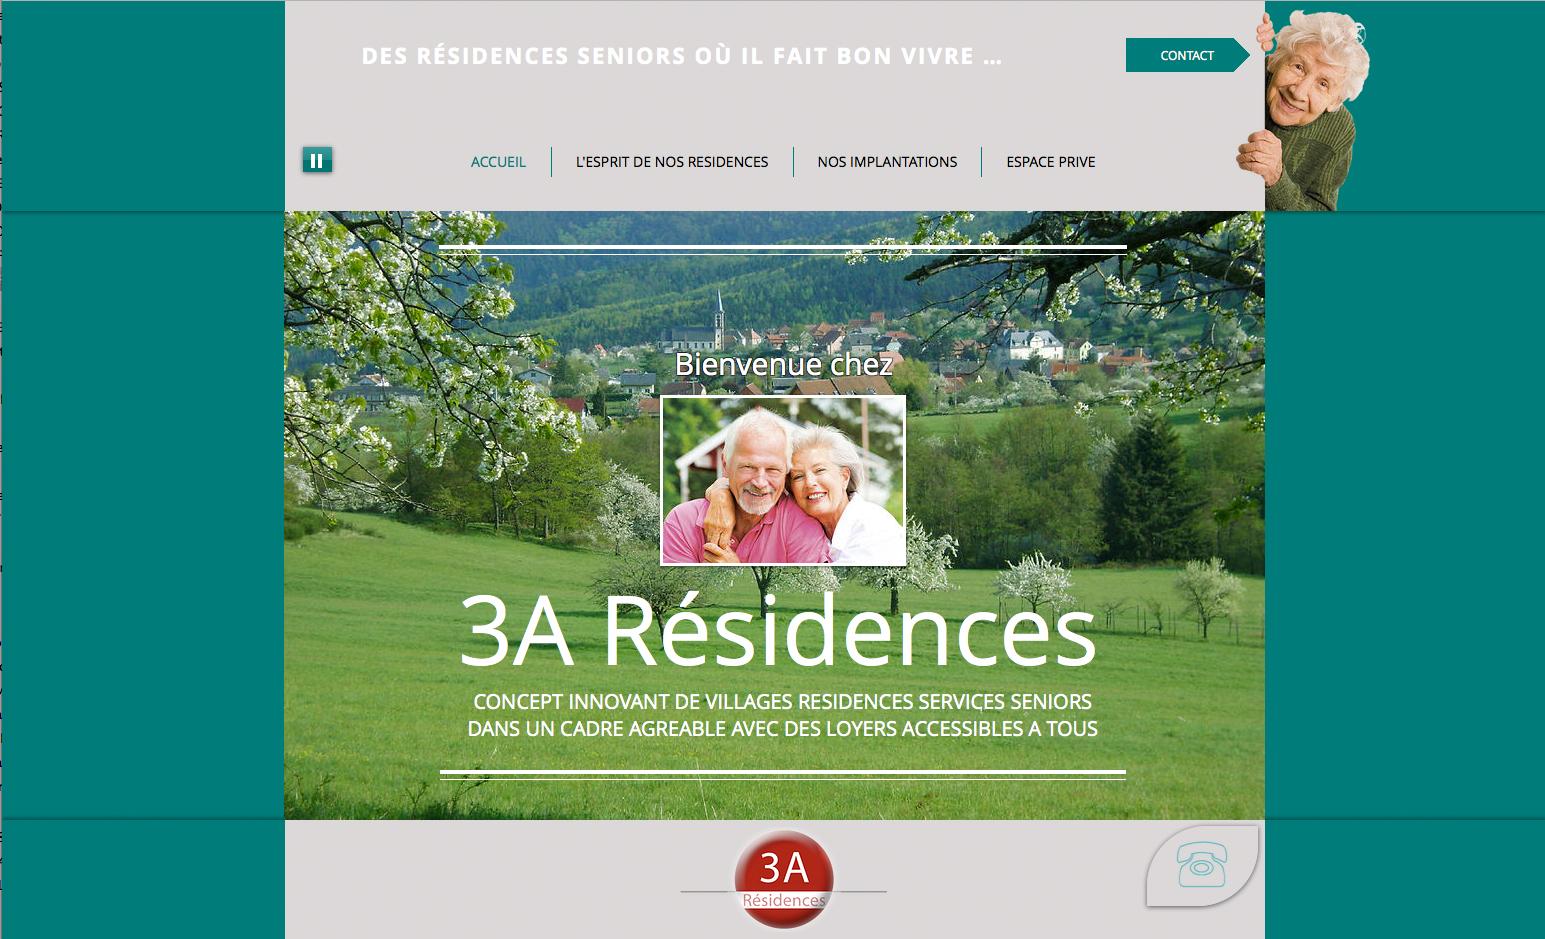 3A Résidences